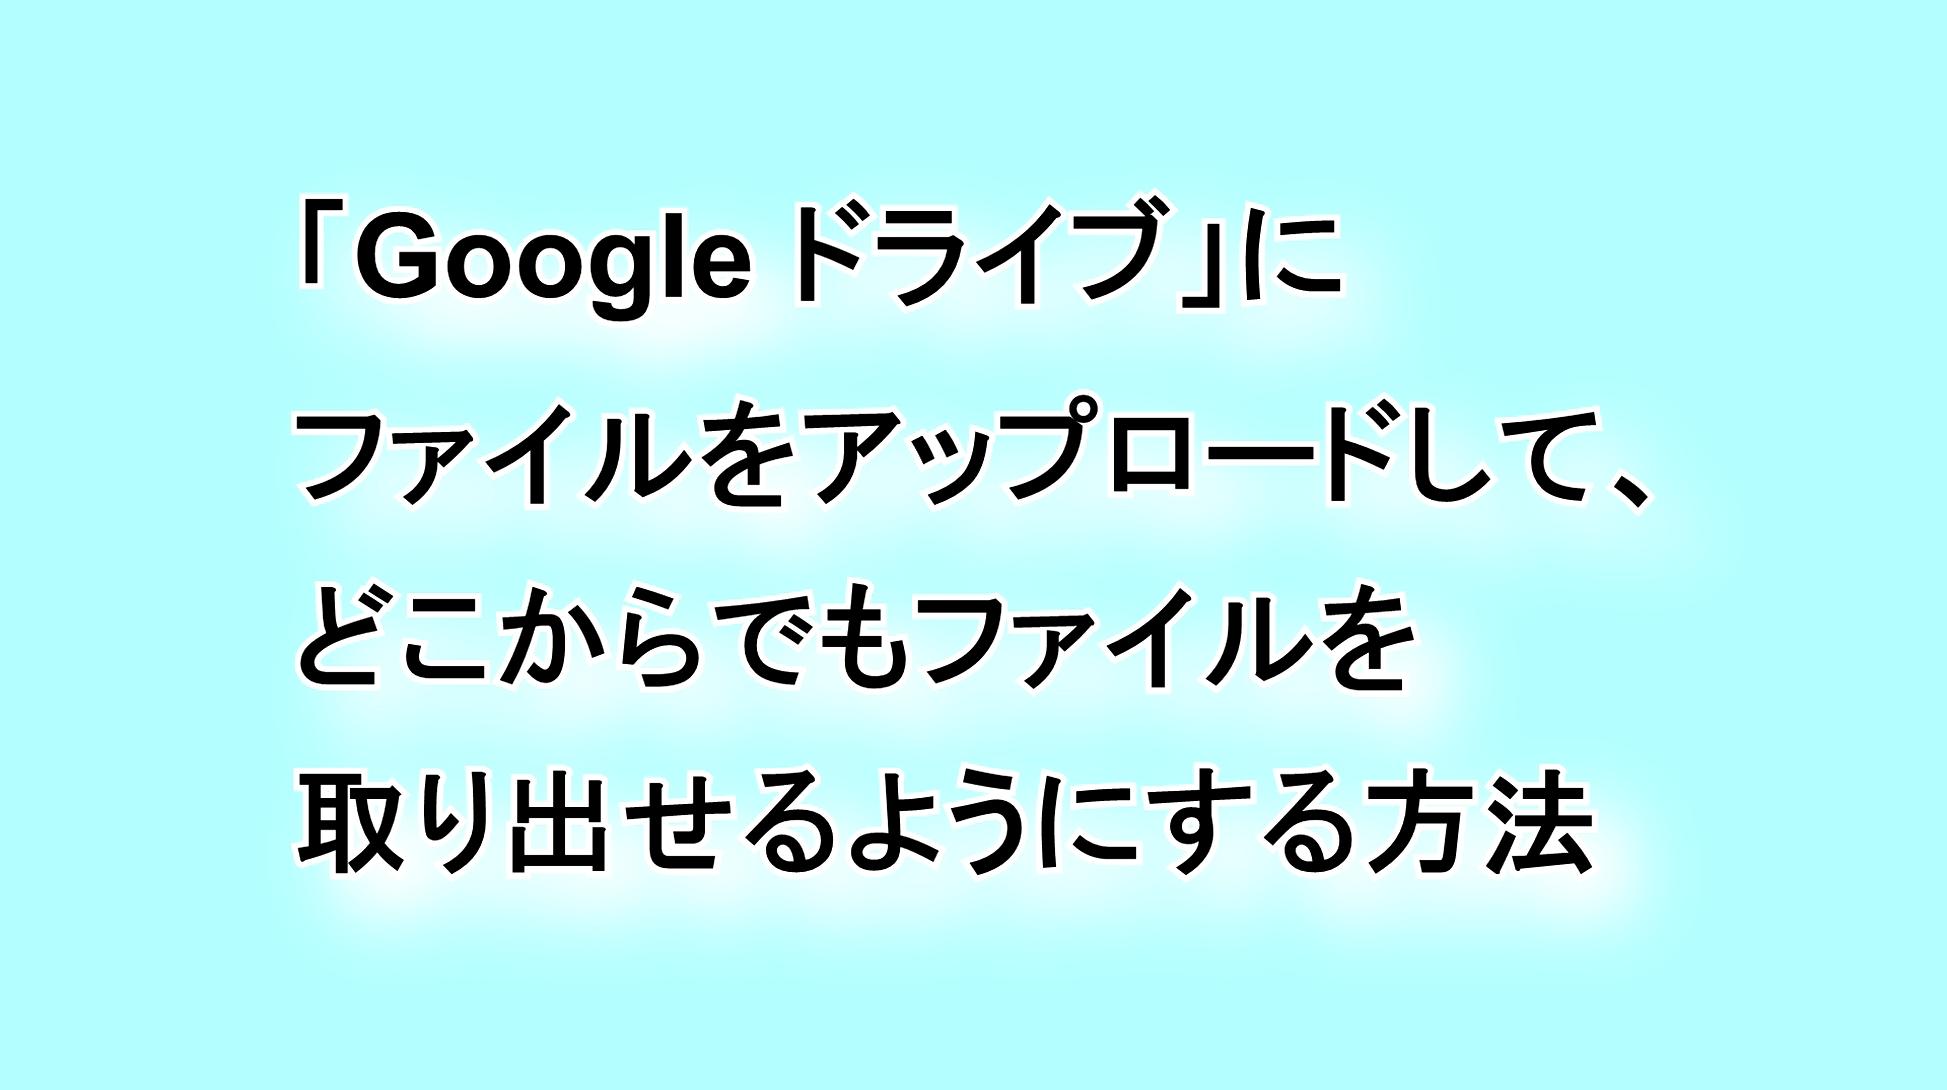 「Google ドライブ」にファイルをアップロードしてどこからでもファイルを取り出せるようにする方法